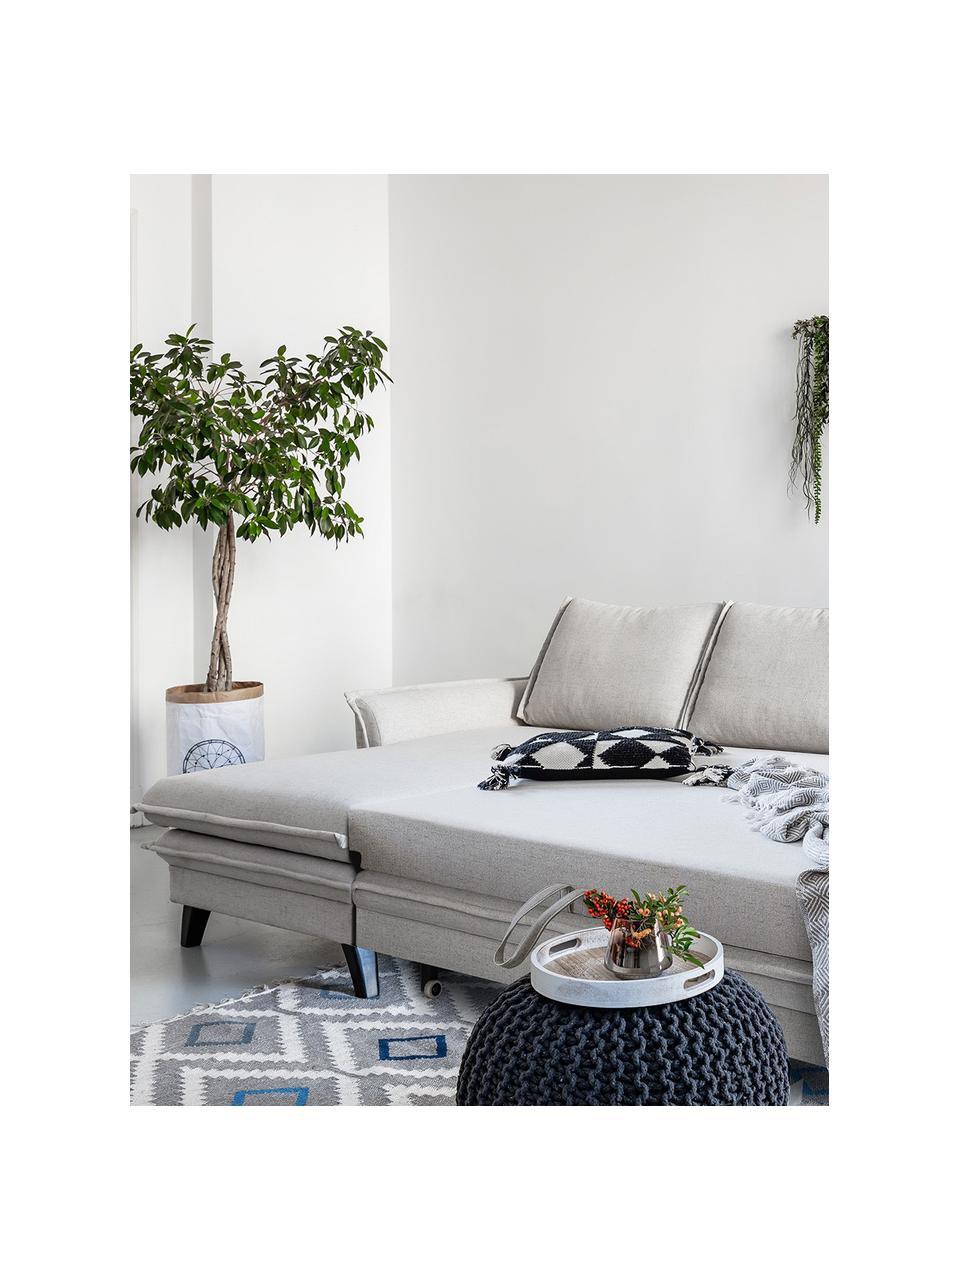 Sofá cama rinconero Charming Charlie, con espacio de almacenamiento, Tapizado: 100%poliéster tacto de l, Estructura: madera, aglomerado, Beige, An 228 x F 150 cm